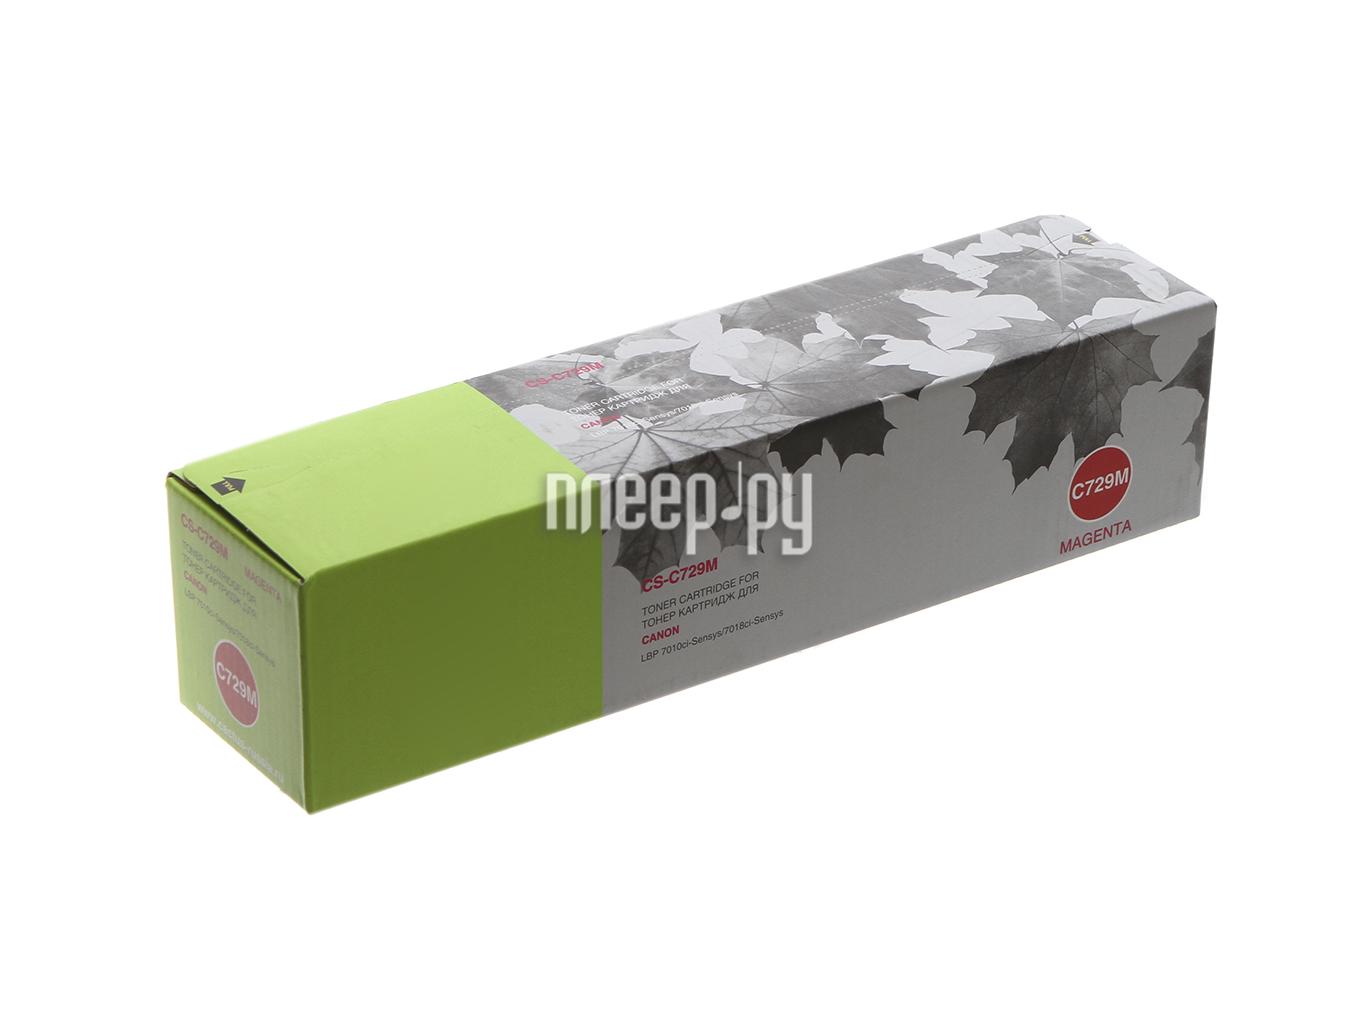 Картридж Cactus Magenta для i-SENSYS LBP-7010C / LBP-7018C 1000стр. CS-C729M за 899 рублей